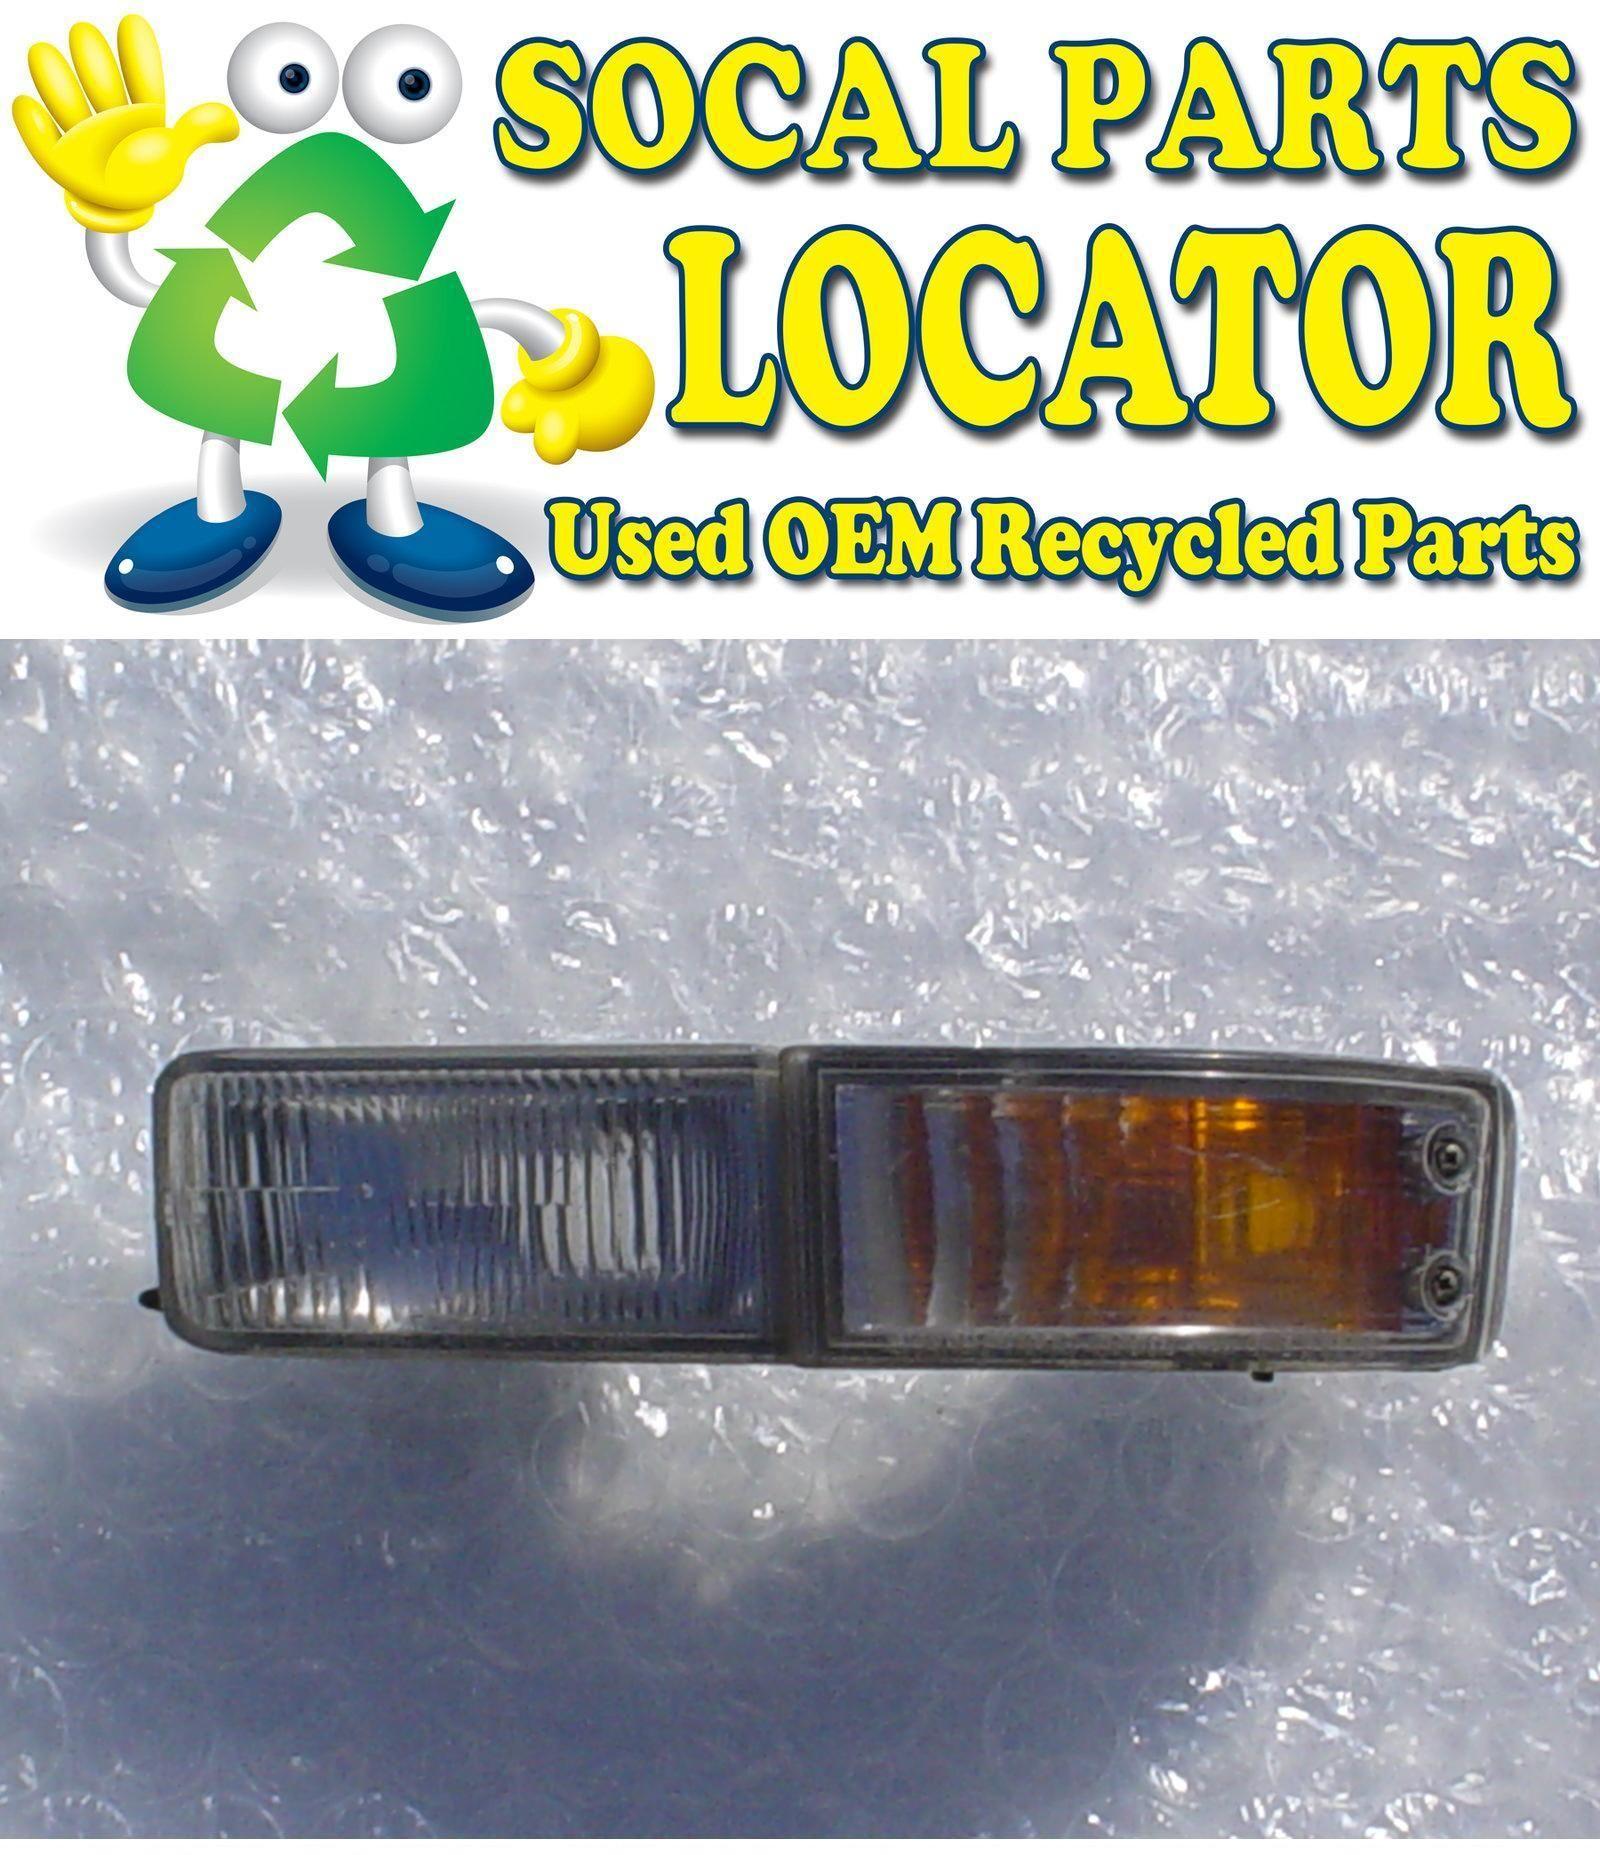 ACURA INTEGRA LH FOG LAMP SIGNAL LIGHT USED OEM So Cal Parts - Acura integra fog lights